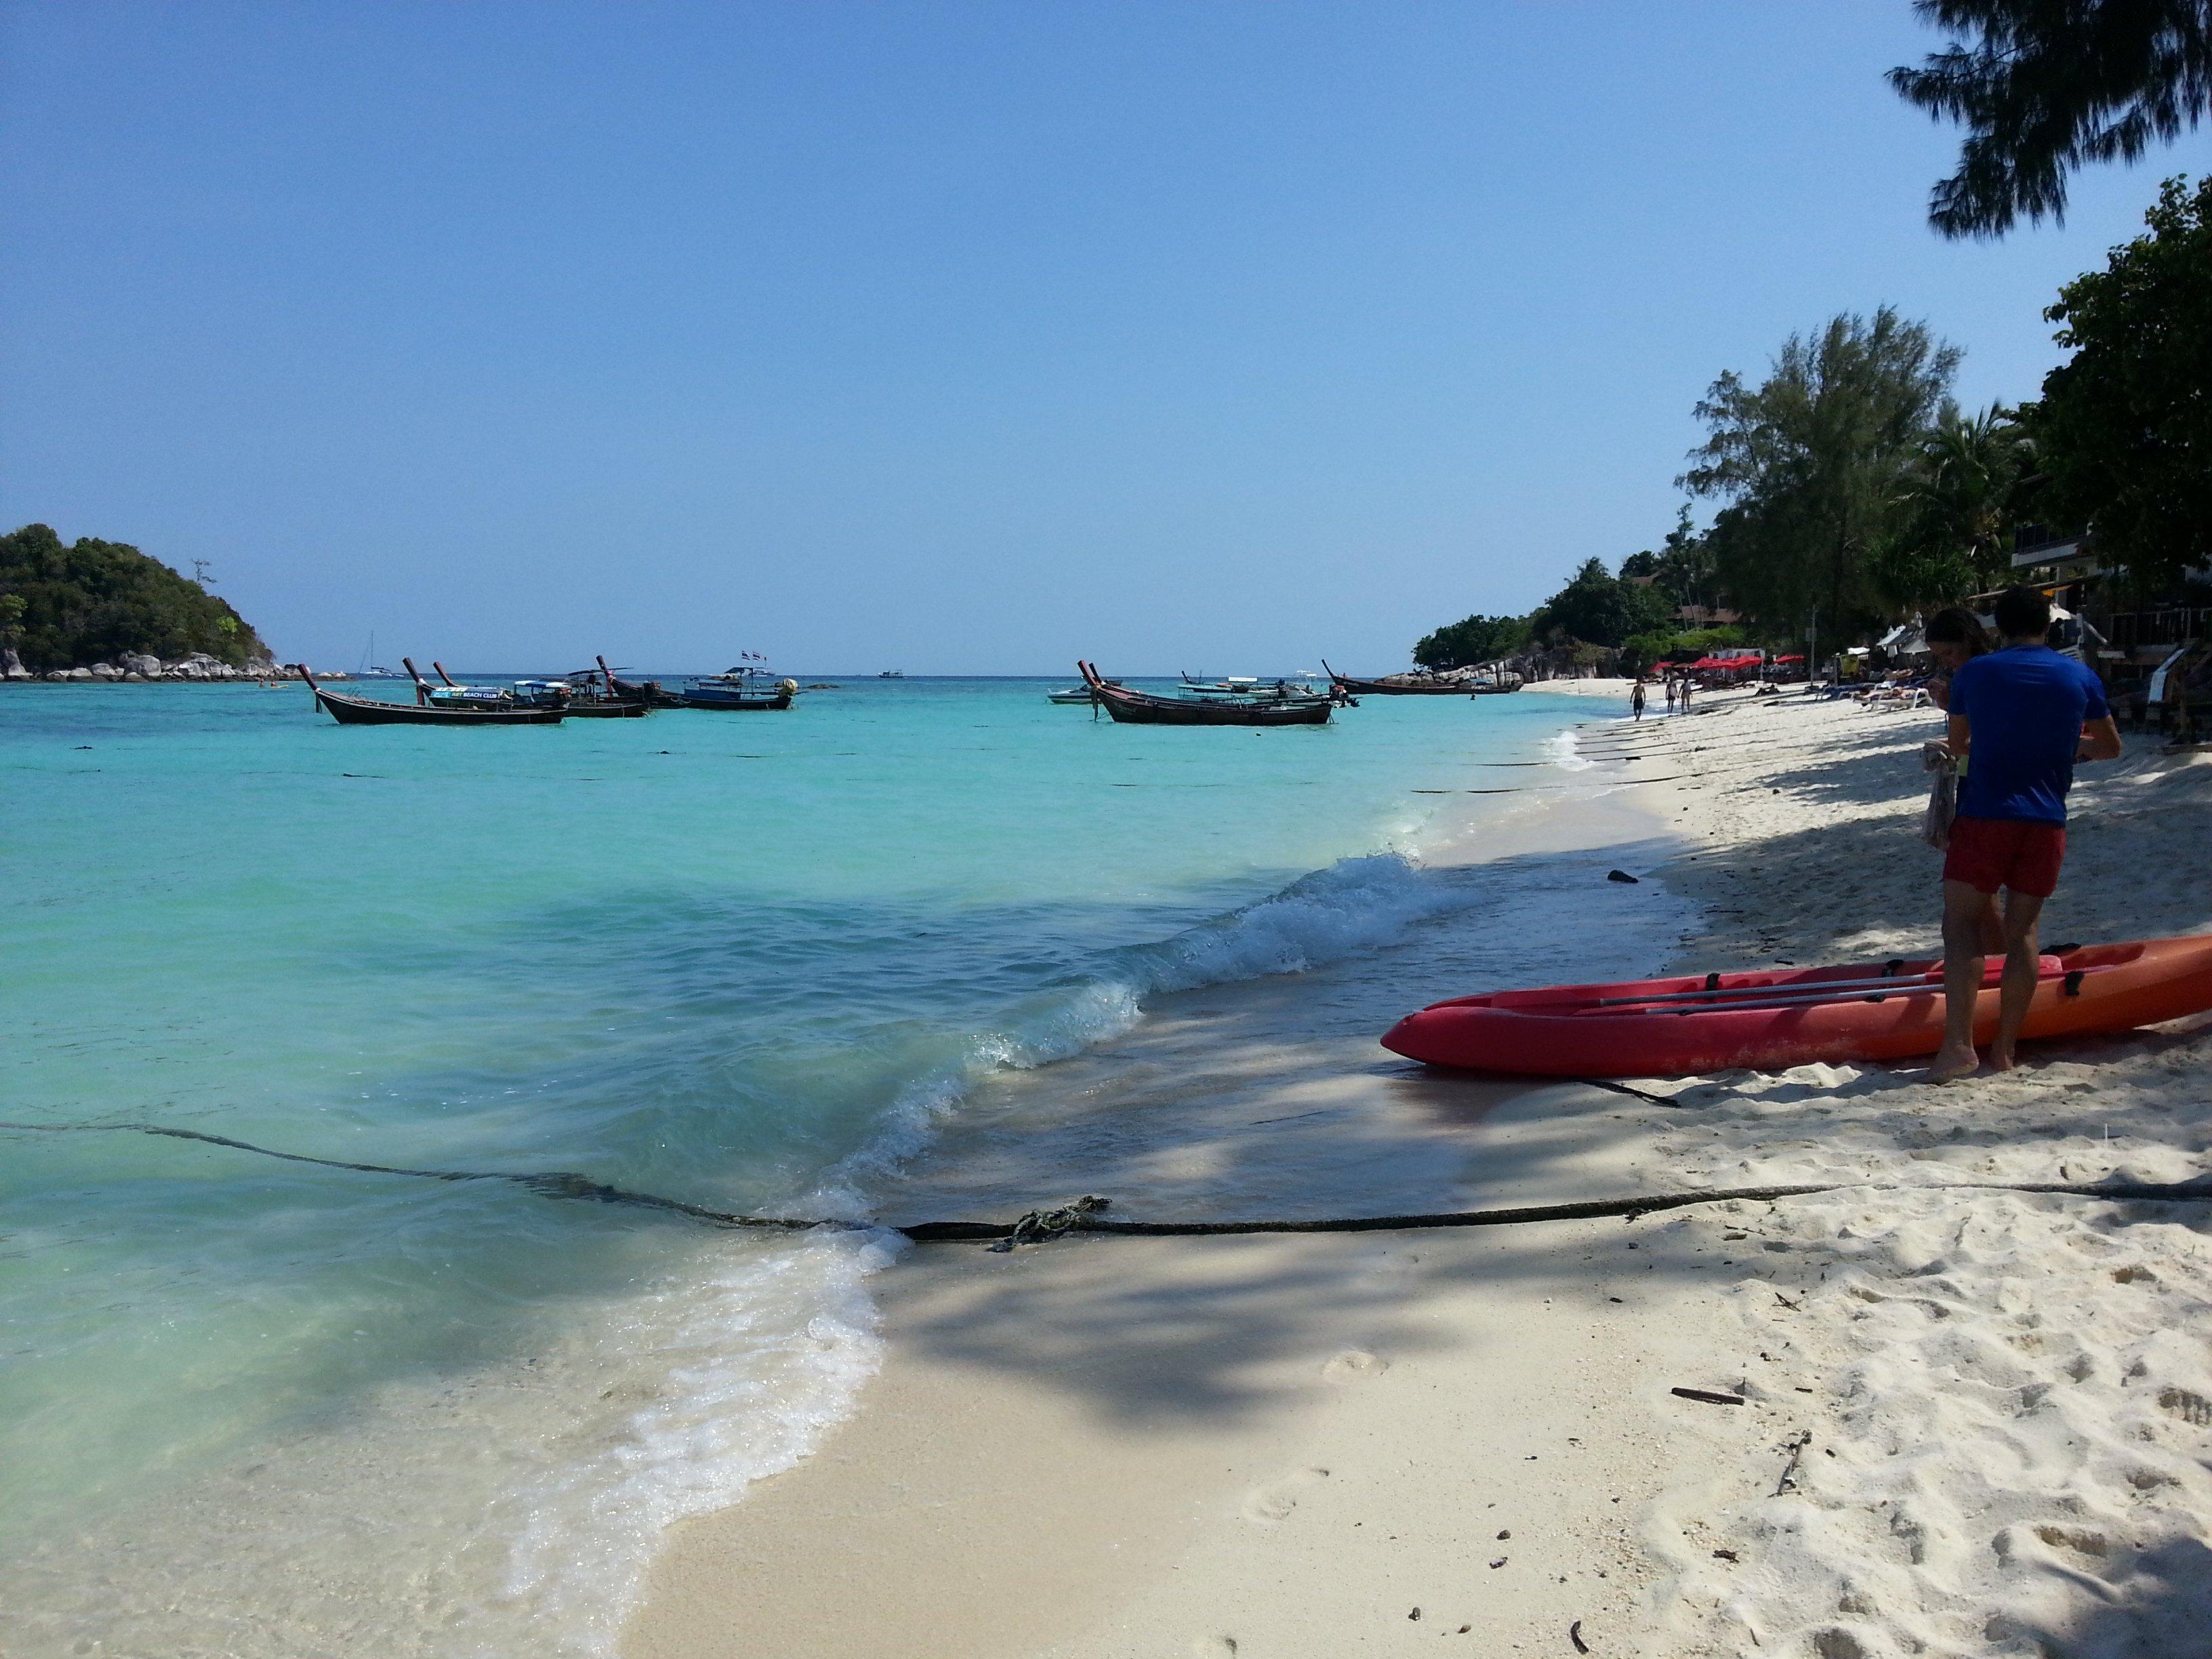 Sunrise Beach in Koh Lipe